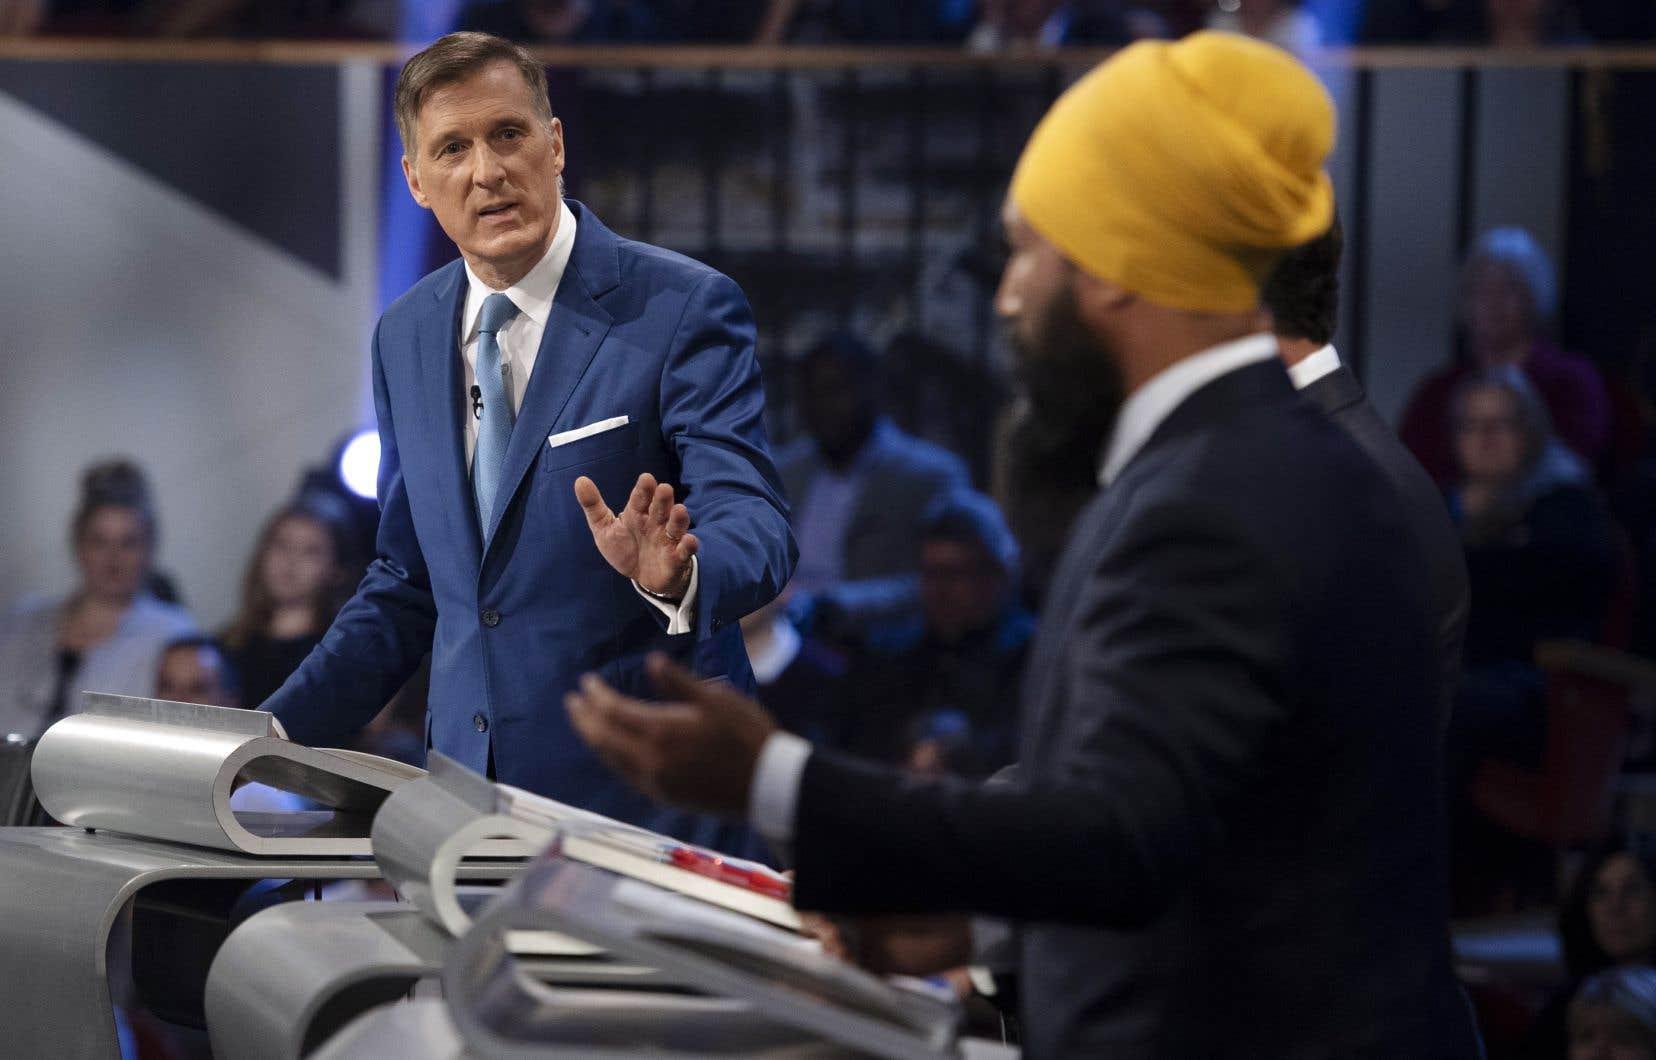 Le chef du Parti populaire du Canada, Maxime Bernier, a fait rire de lui lors du débat des chefs en anglais le 7 octobre, lorsqu'il a dit que son parti était le seul défenseur de l'environnement.